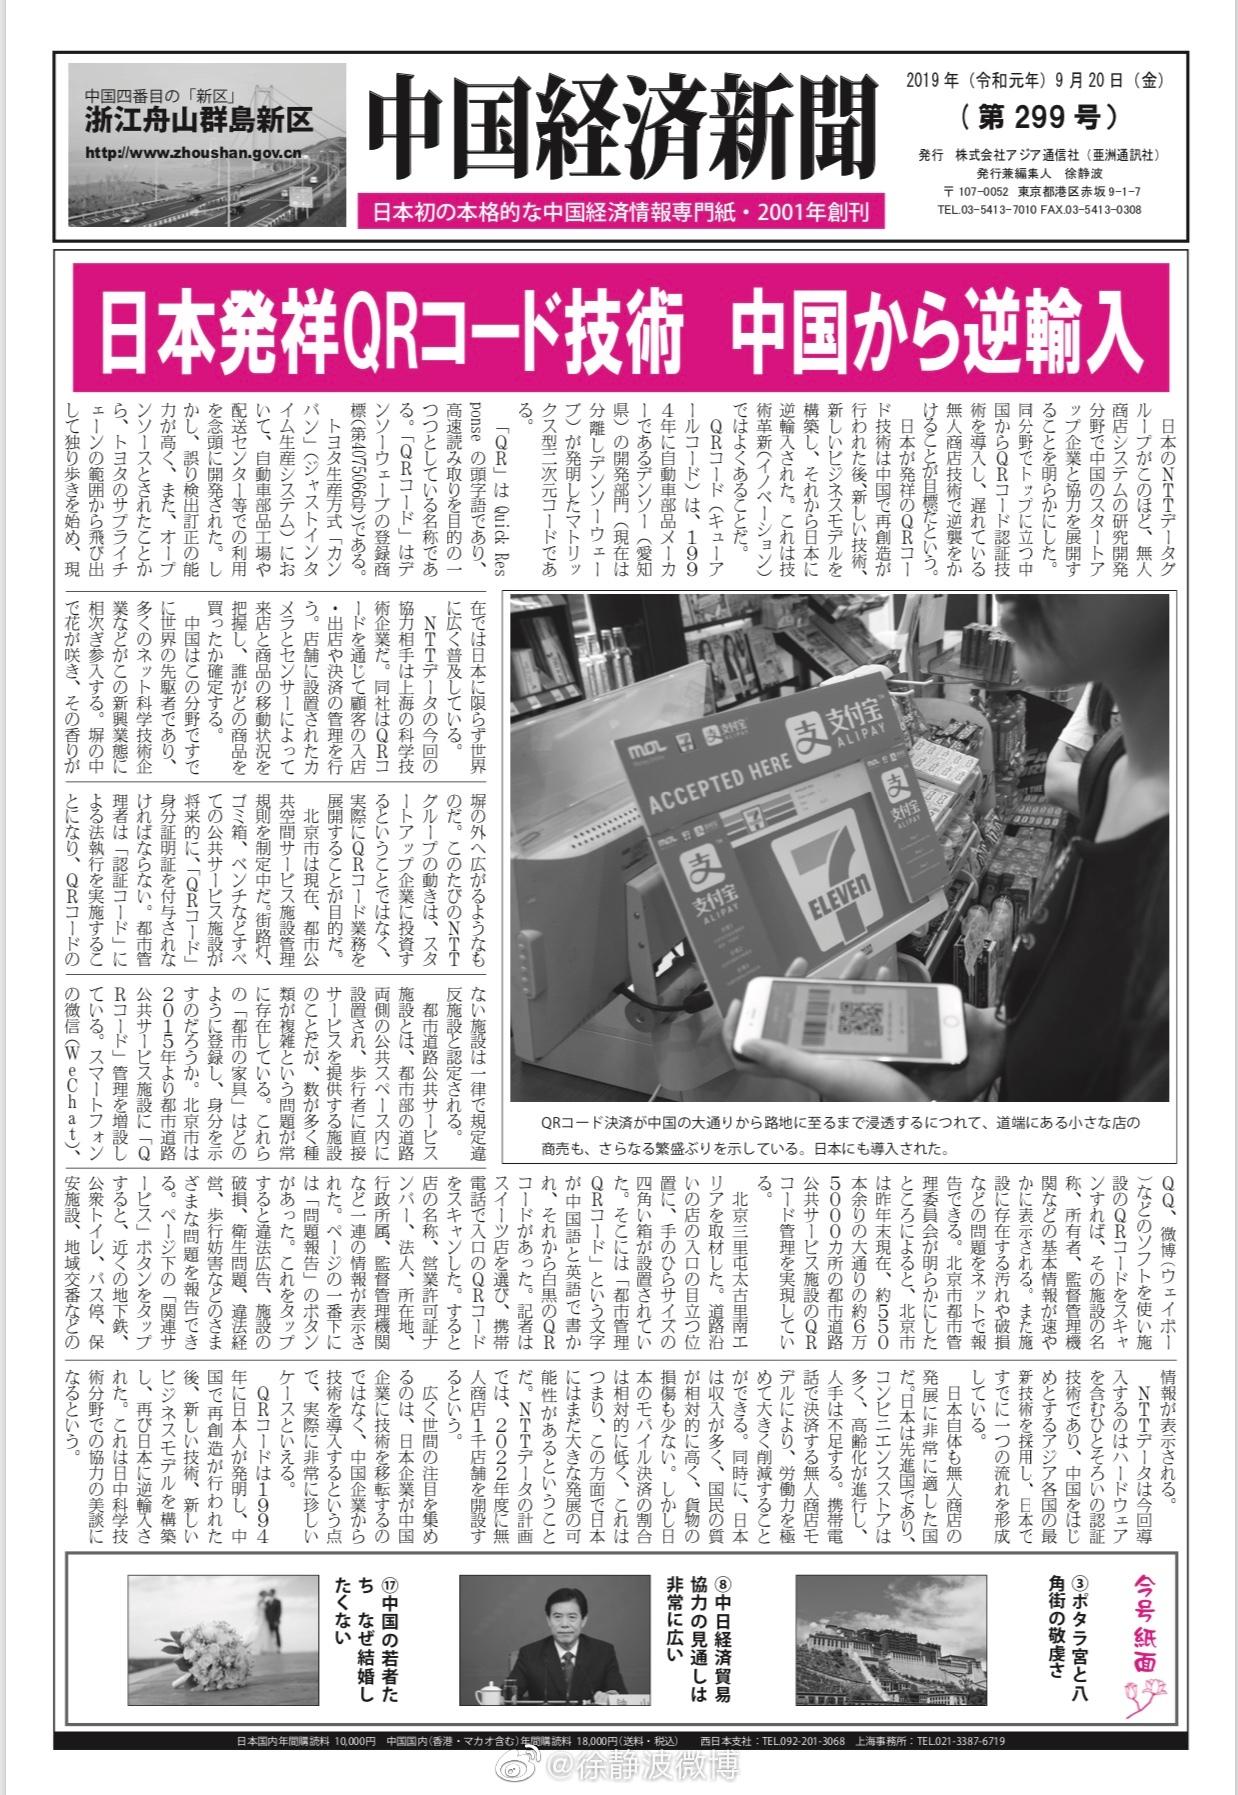 我社今日出版的《中国经济新闻》报,安排了两个专版